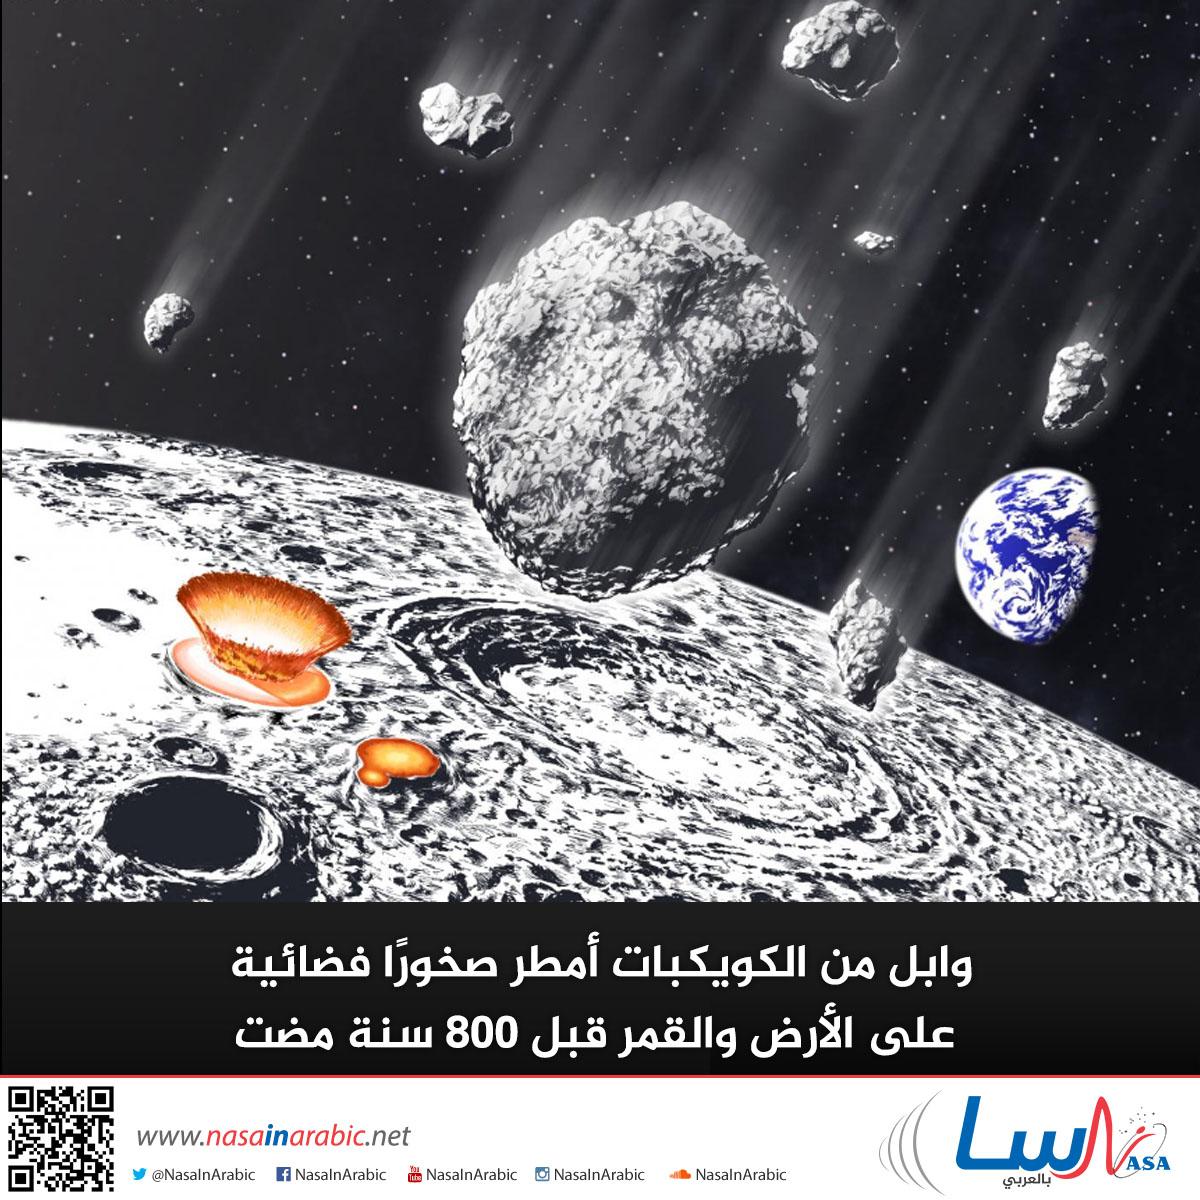 وابل من الكويكبات أمطر صخورًا فضائية على الأرض والقمر قبل 800 مليون سنة مضت